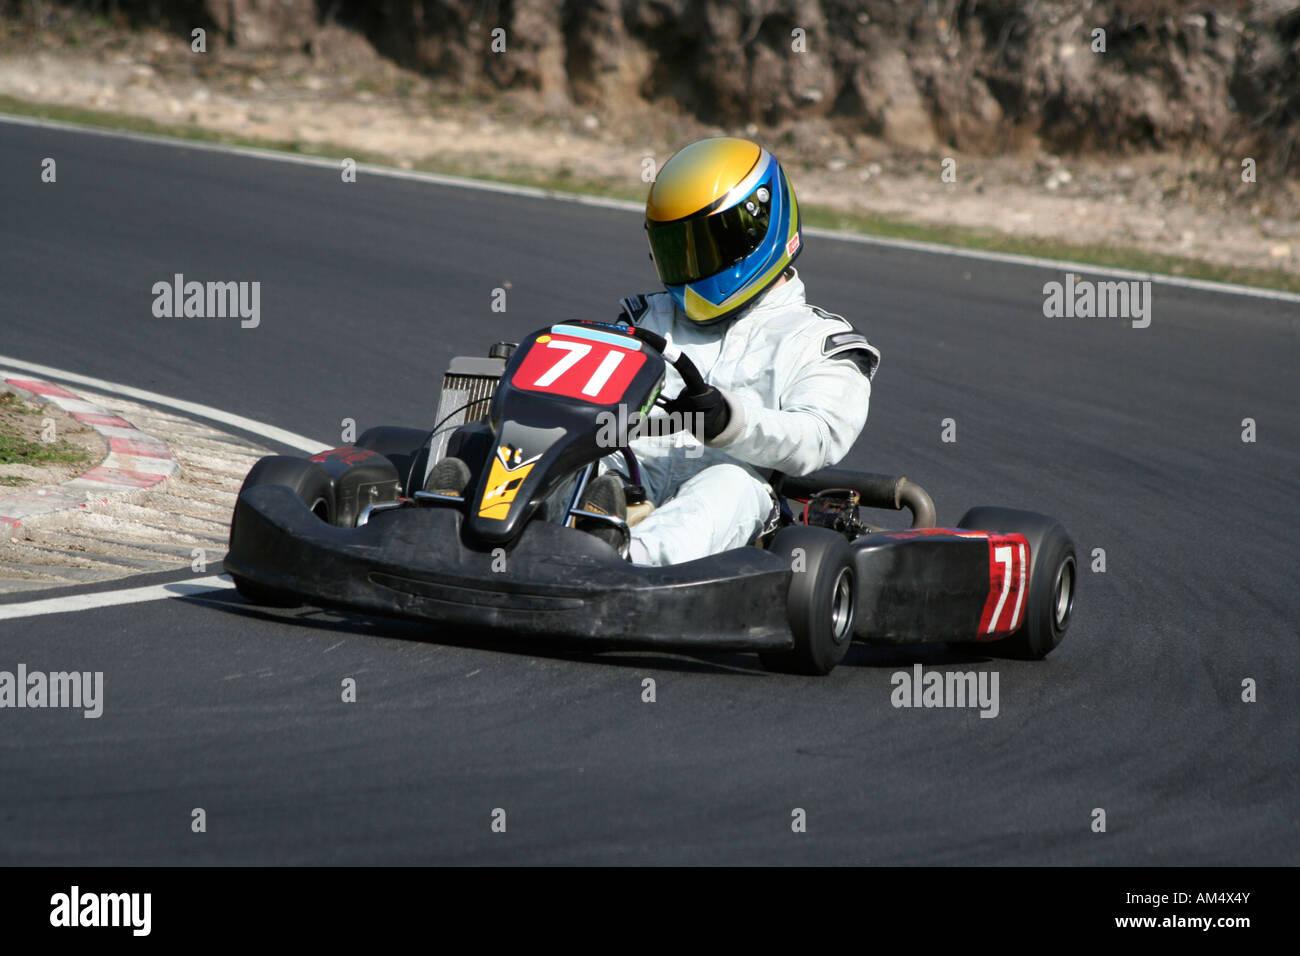 Rotax Motor Stock Photos & Rotax Motor Stock Images - Alamy